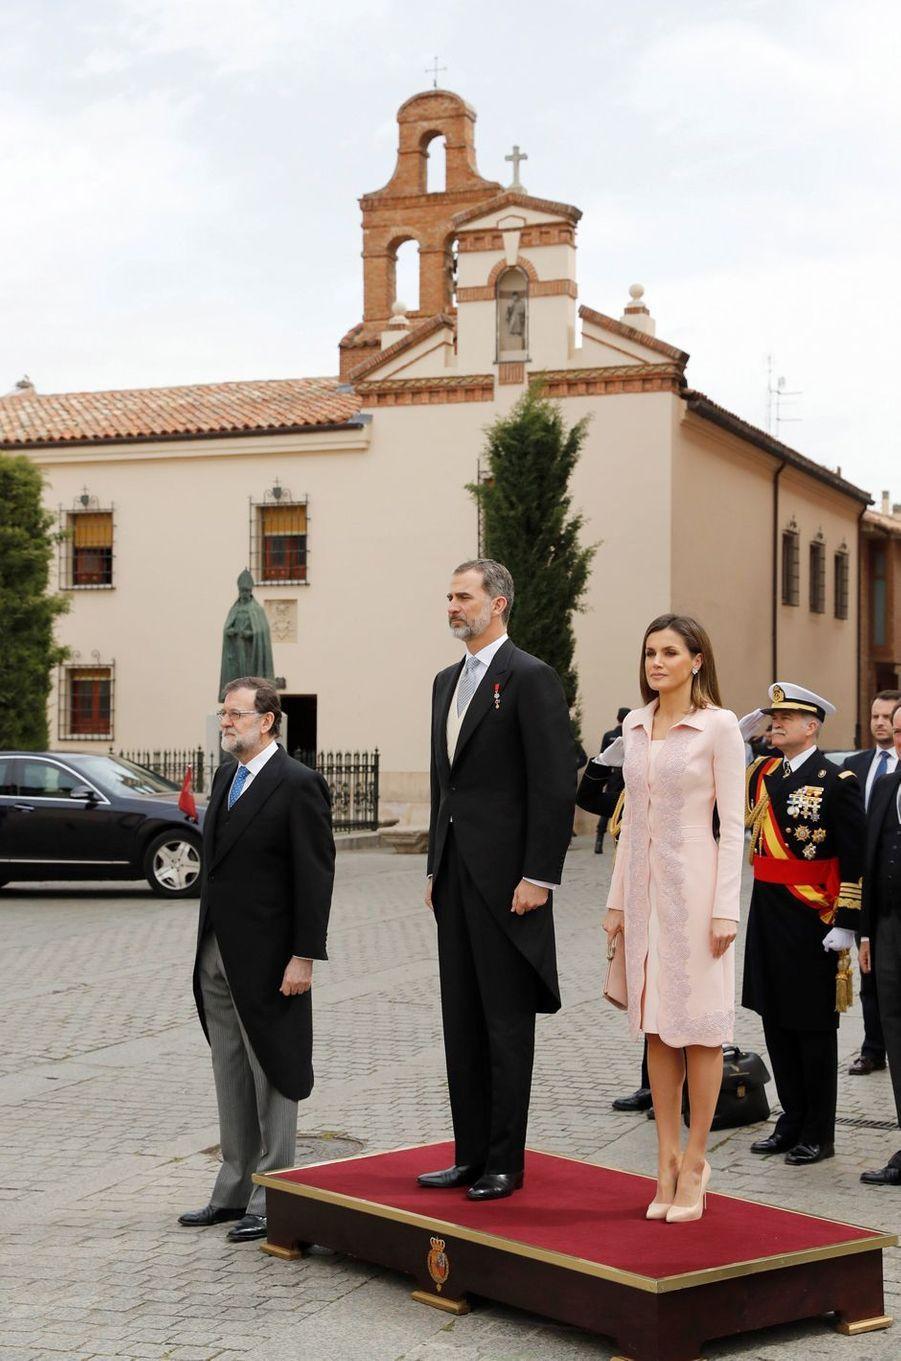 La reine Letizia et le roi Felipe VI d'Espagne avec Mariano Rajoy à Alcala de Henares, le 23 avril 2018